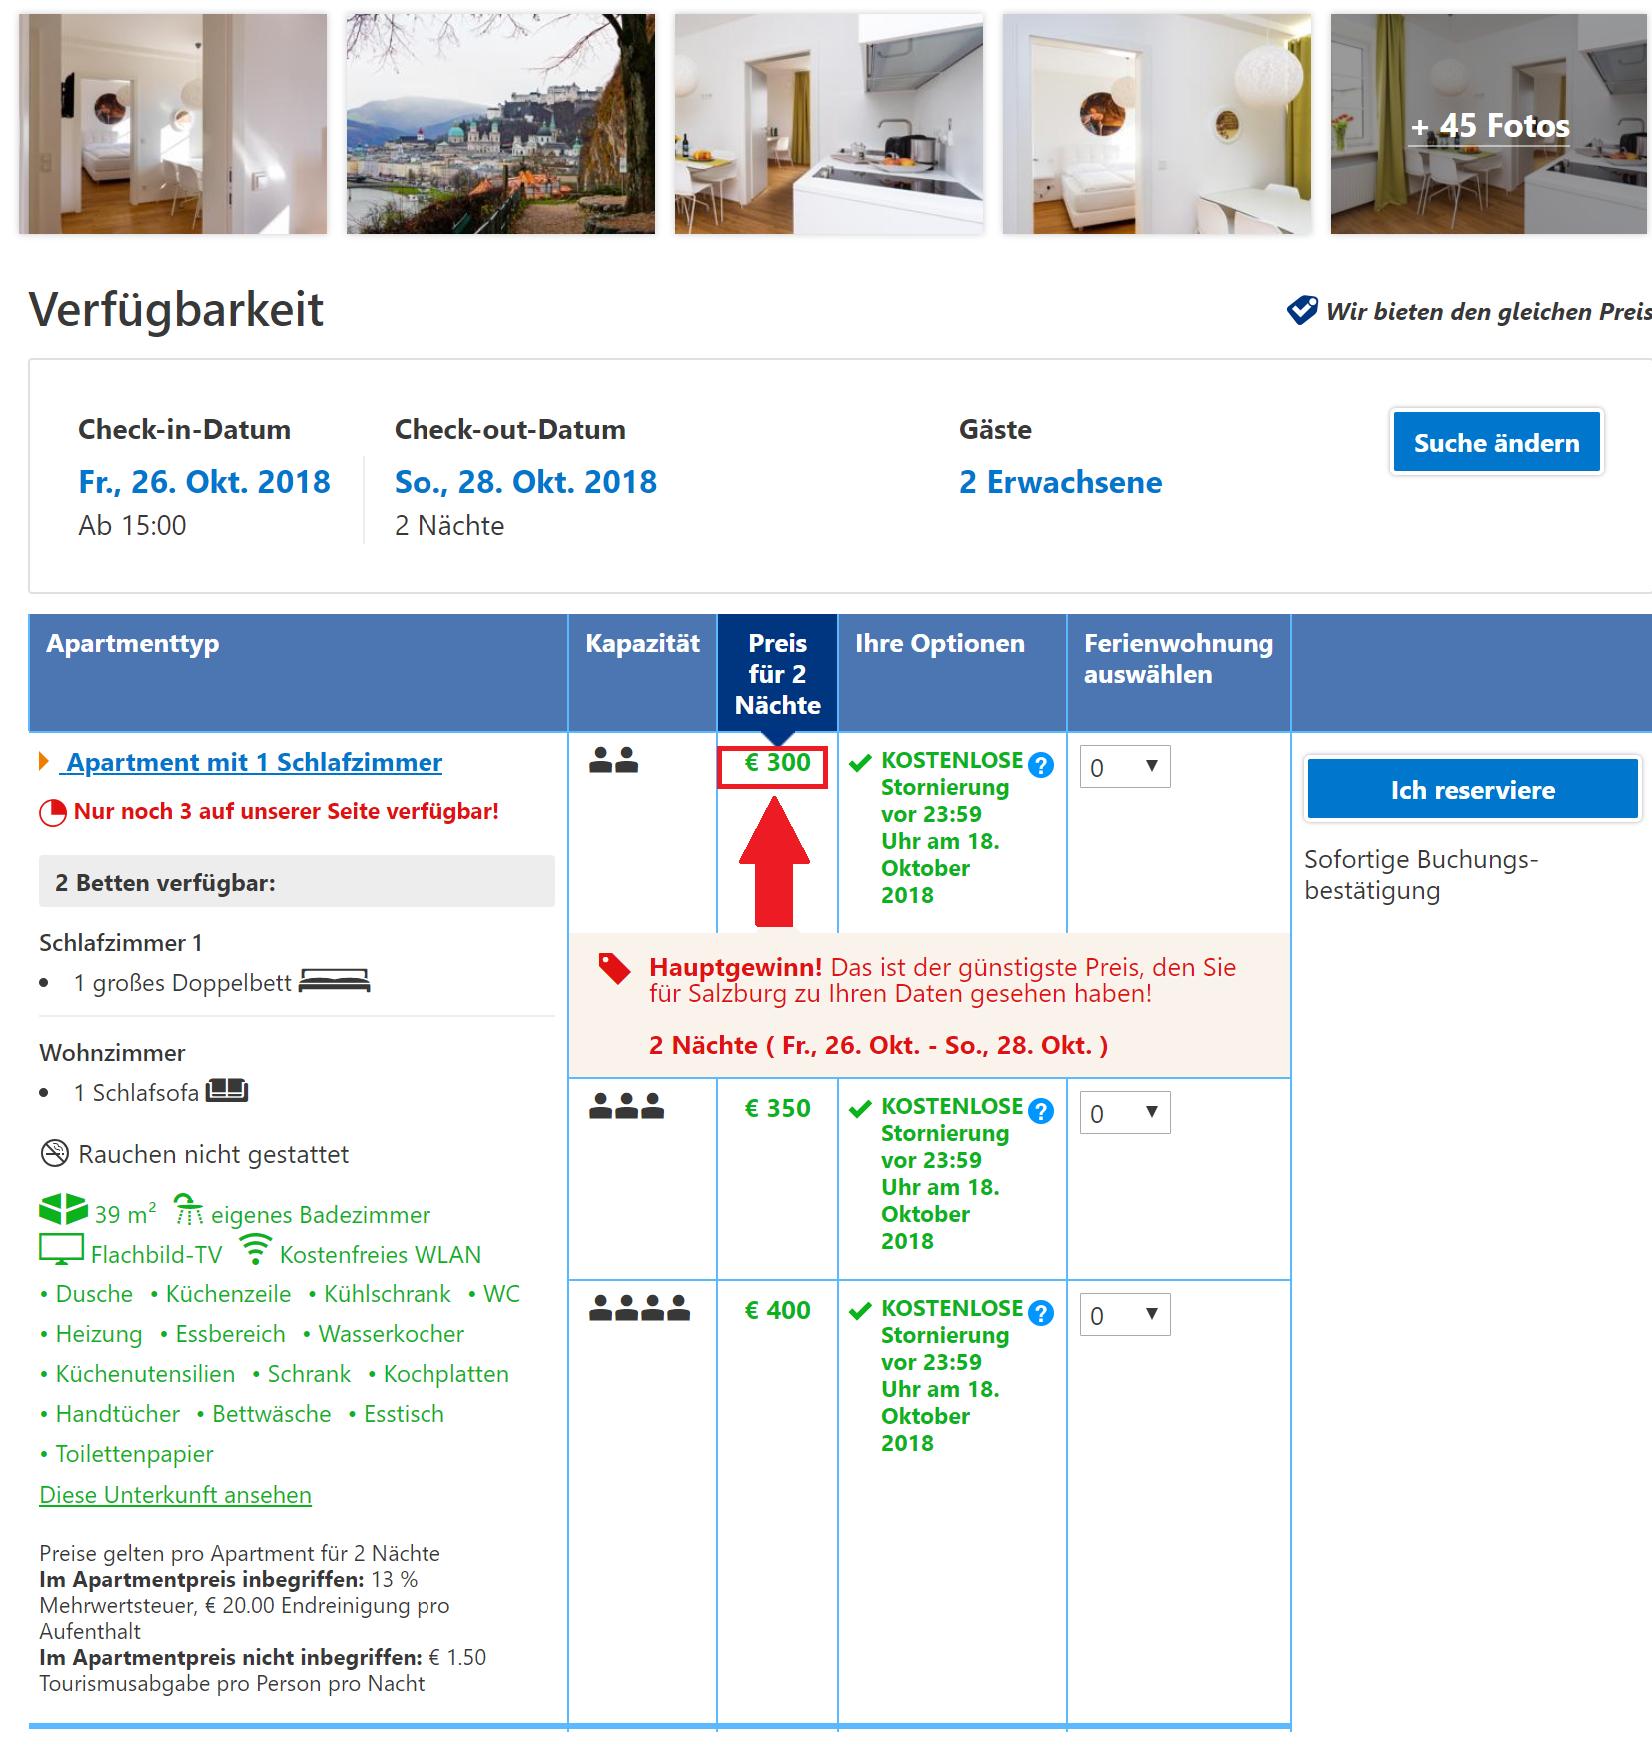 Acht smarte Tricks für Airbnb, die jeder Reisende kennen sollte - VICE